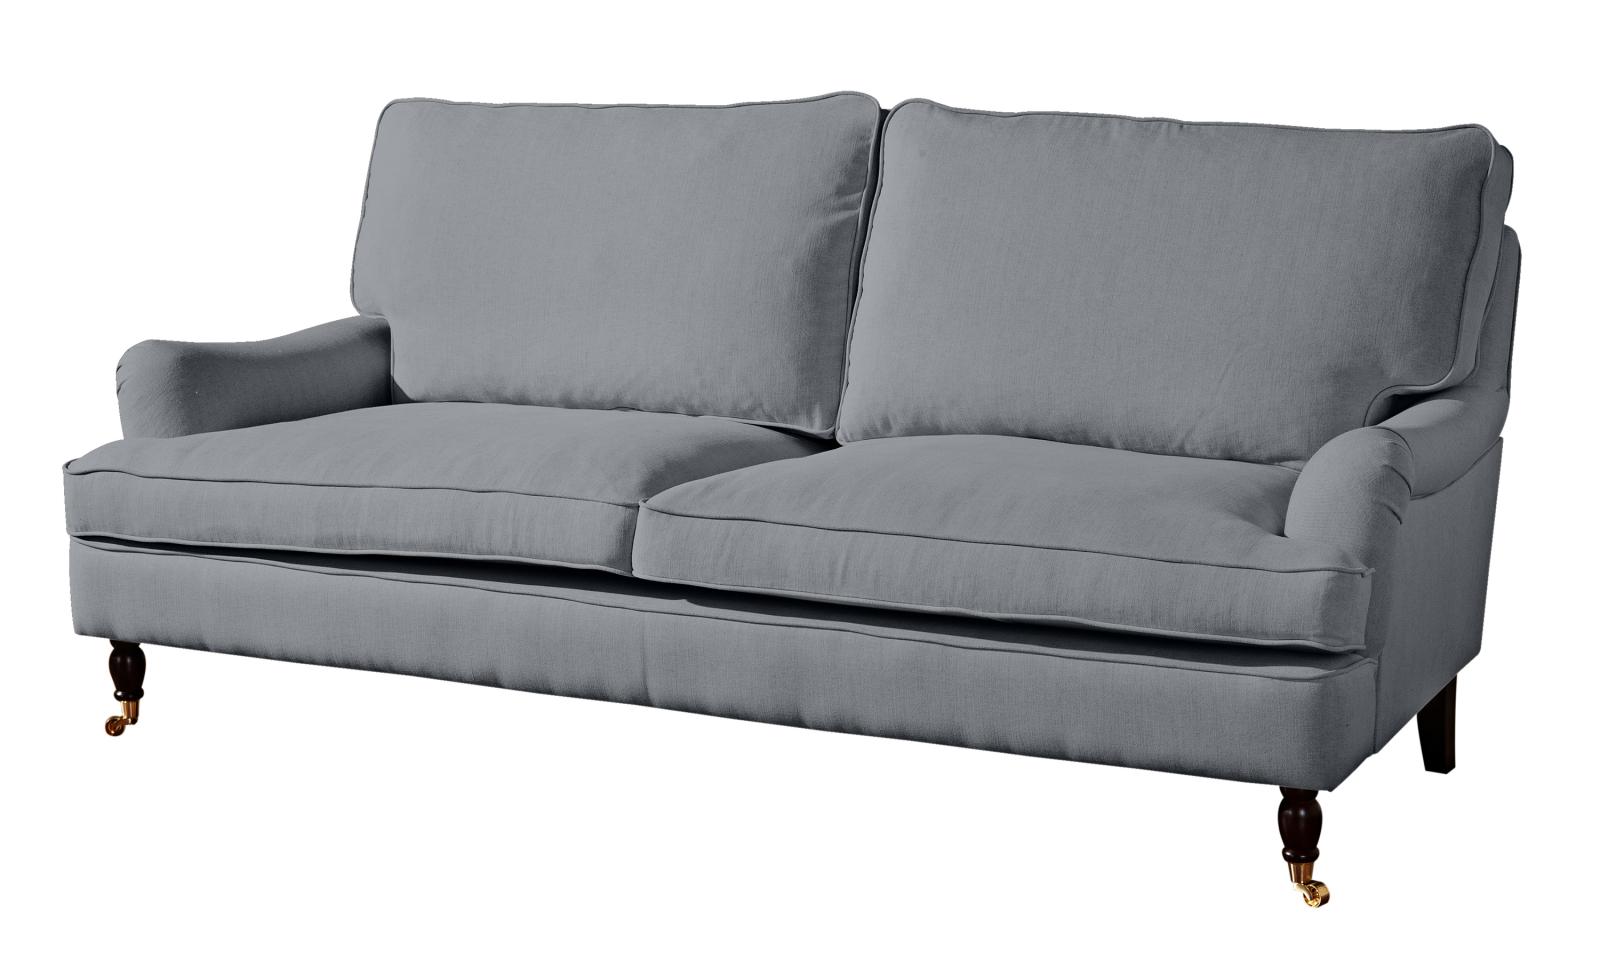 Full Size of Sofa 3 Sitzer Grau Couch 2 Und Rattan 3 Sitzer Nino Schwarz/grau Mit Schlaffunktion Leder Samt Flachgewebe In Leinenoptik Online Bei Spannbezug Comfortmaster Sofa Sofa 3 Sitzer Grau